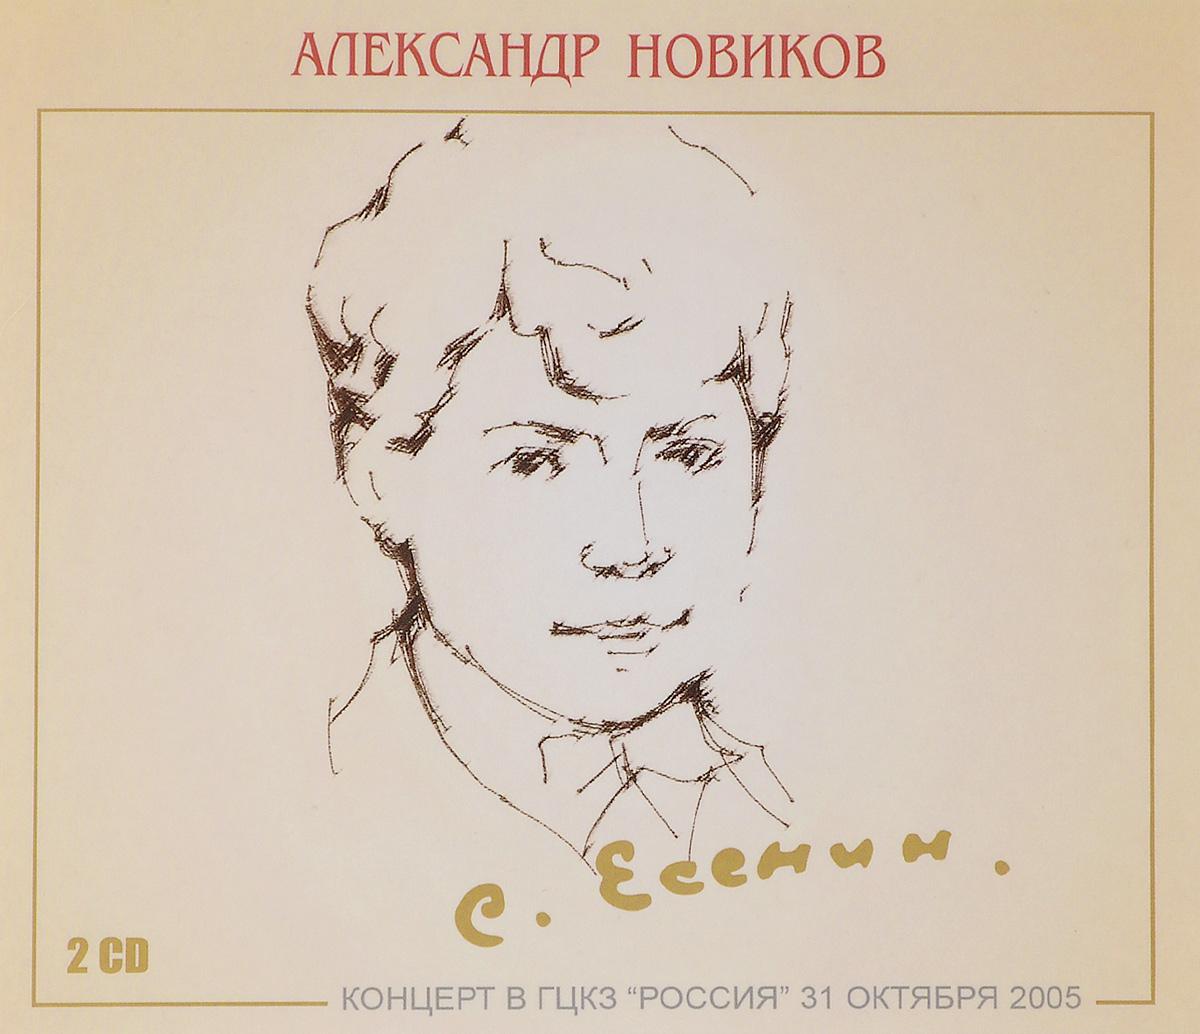 Zakazat.ru: Александр Новиков. Сергей Есенин - 110 лет. Концерт в ГЦКЗ Россия 31 октября 2005 (2 CD)